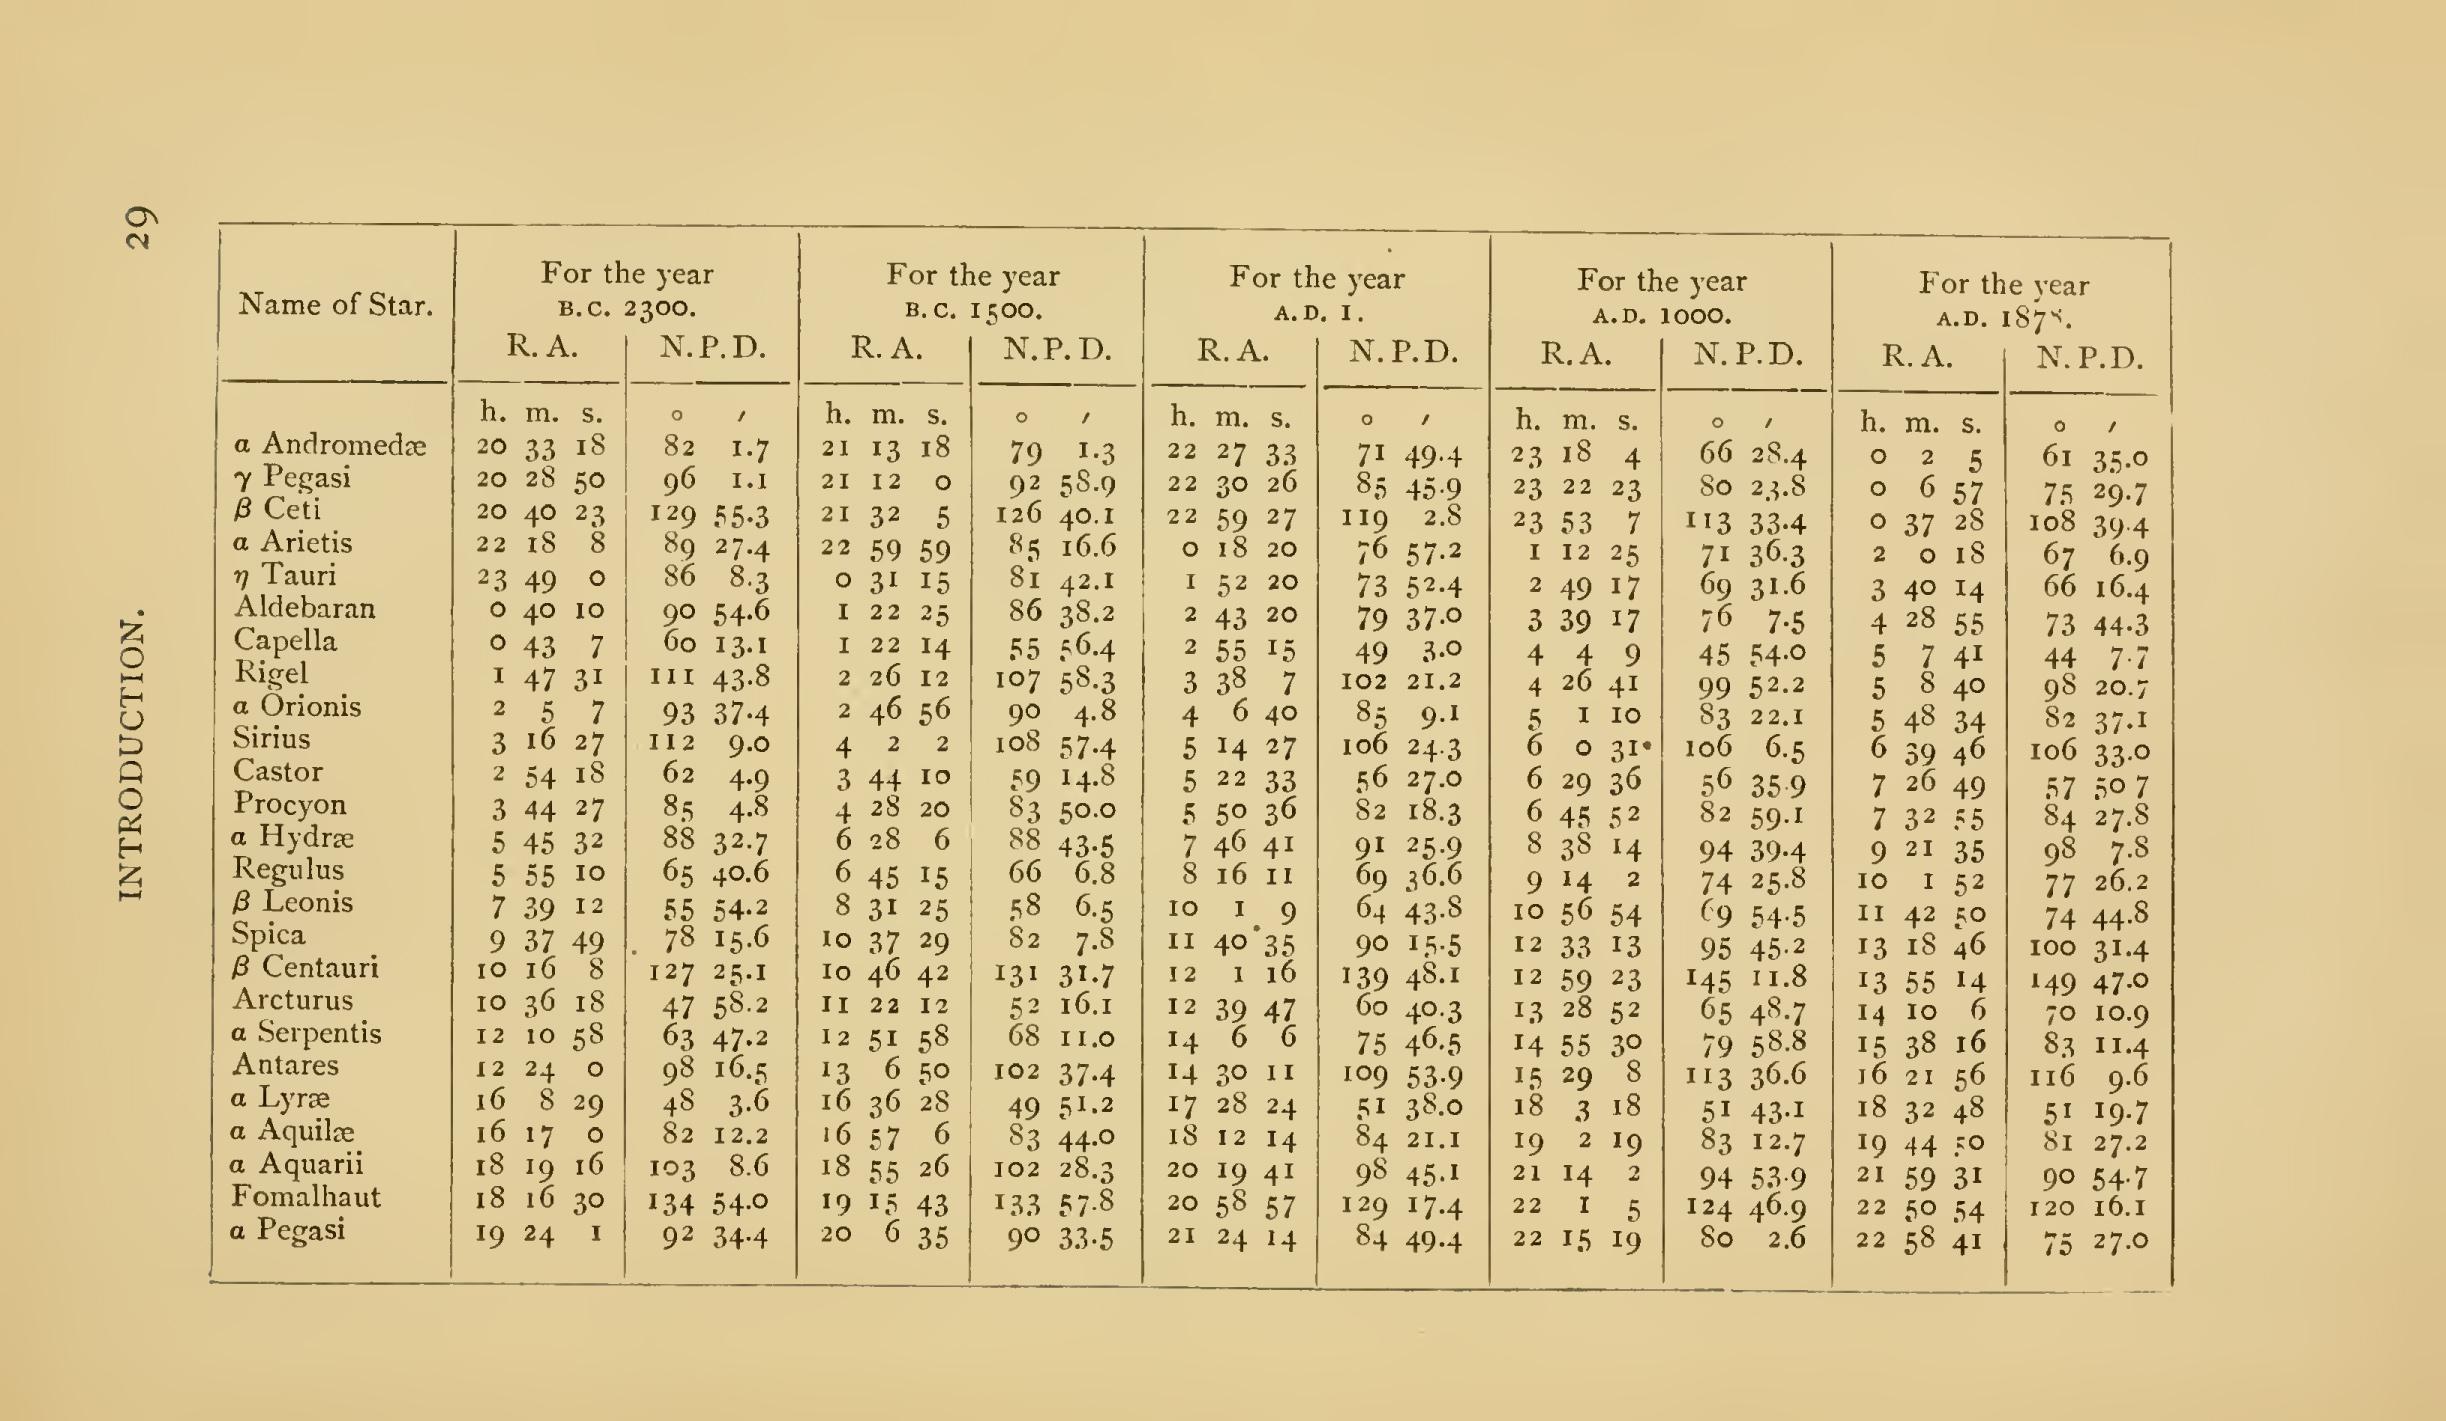 Graficul zodiacal, folosit pentru predicţii încă din anul 2300 î. Hr.